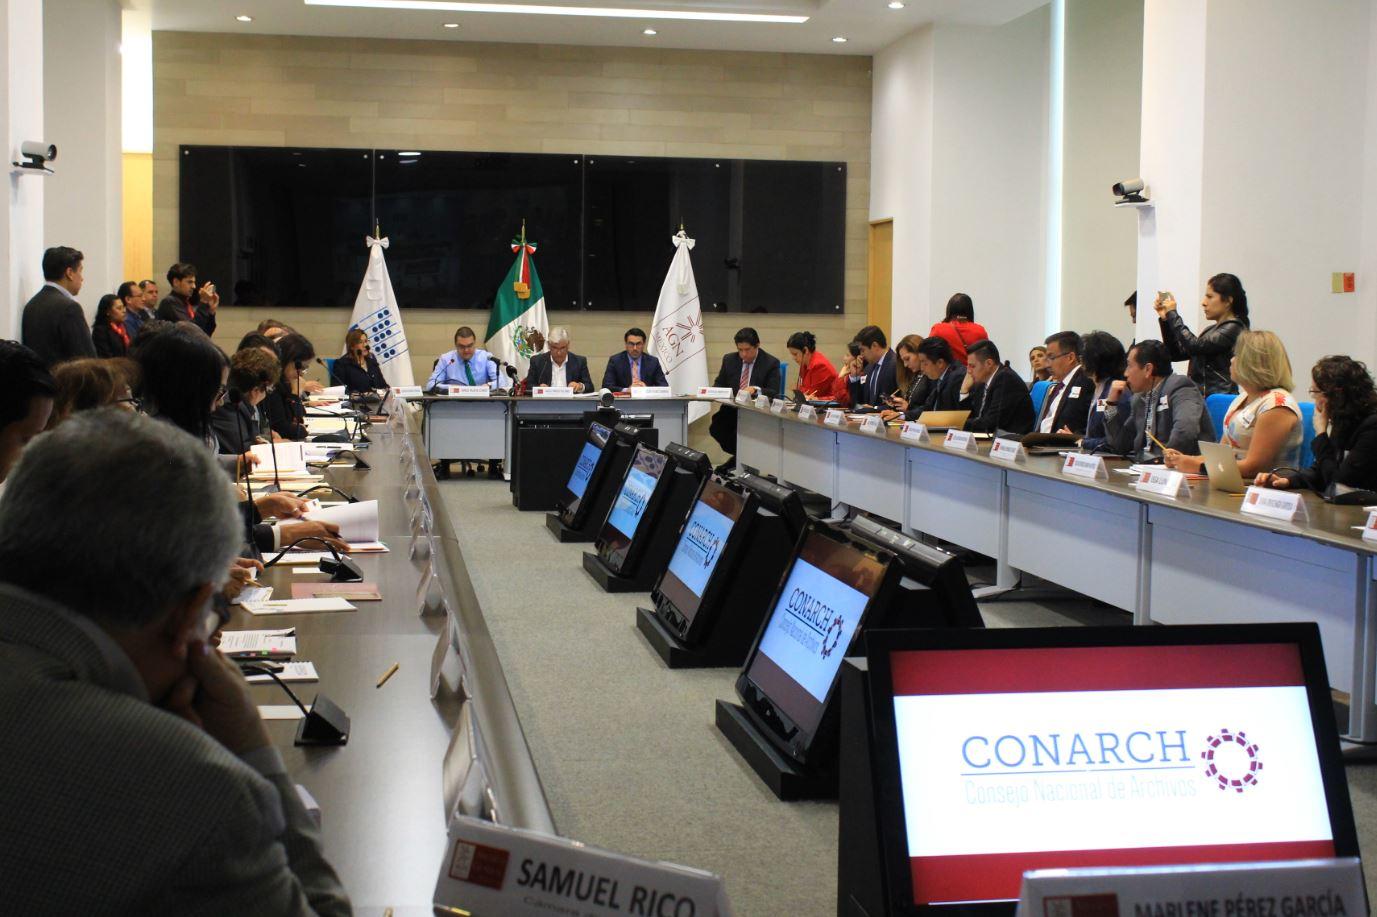 Sala con 42 personas sentadas al rededor de mesas que conforma un gran rectángulo.